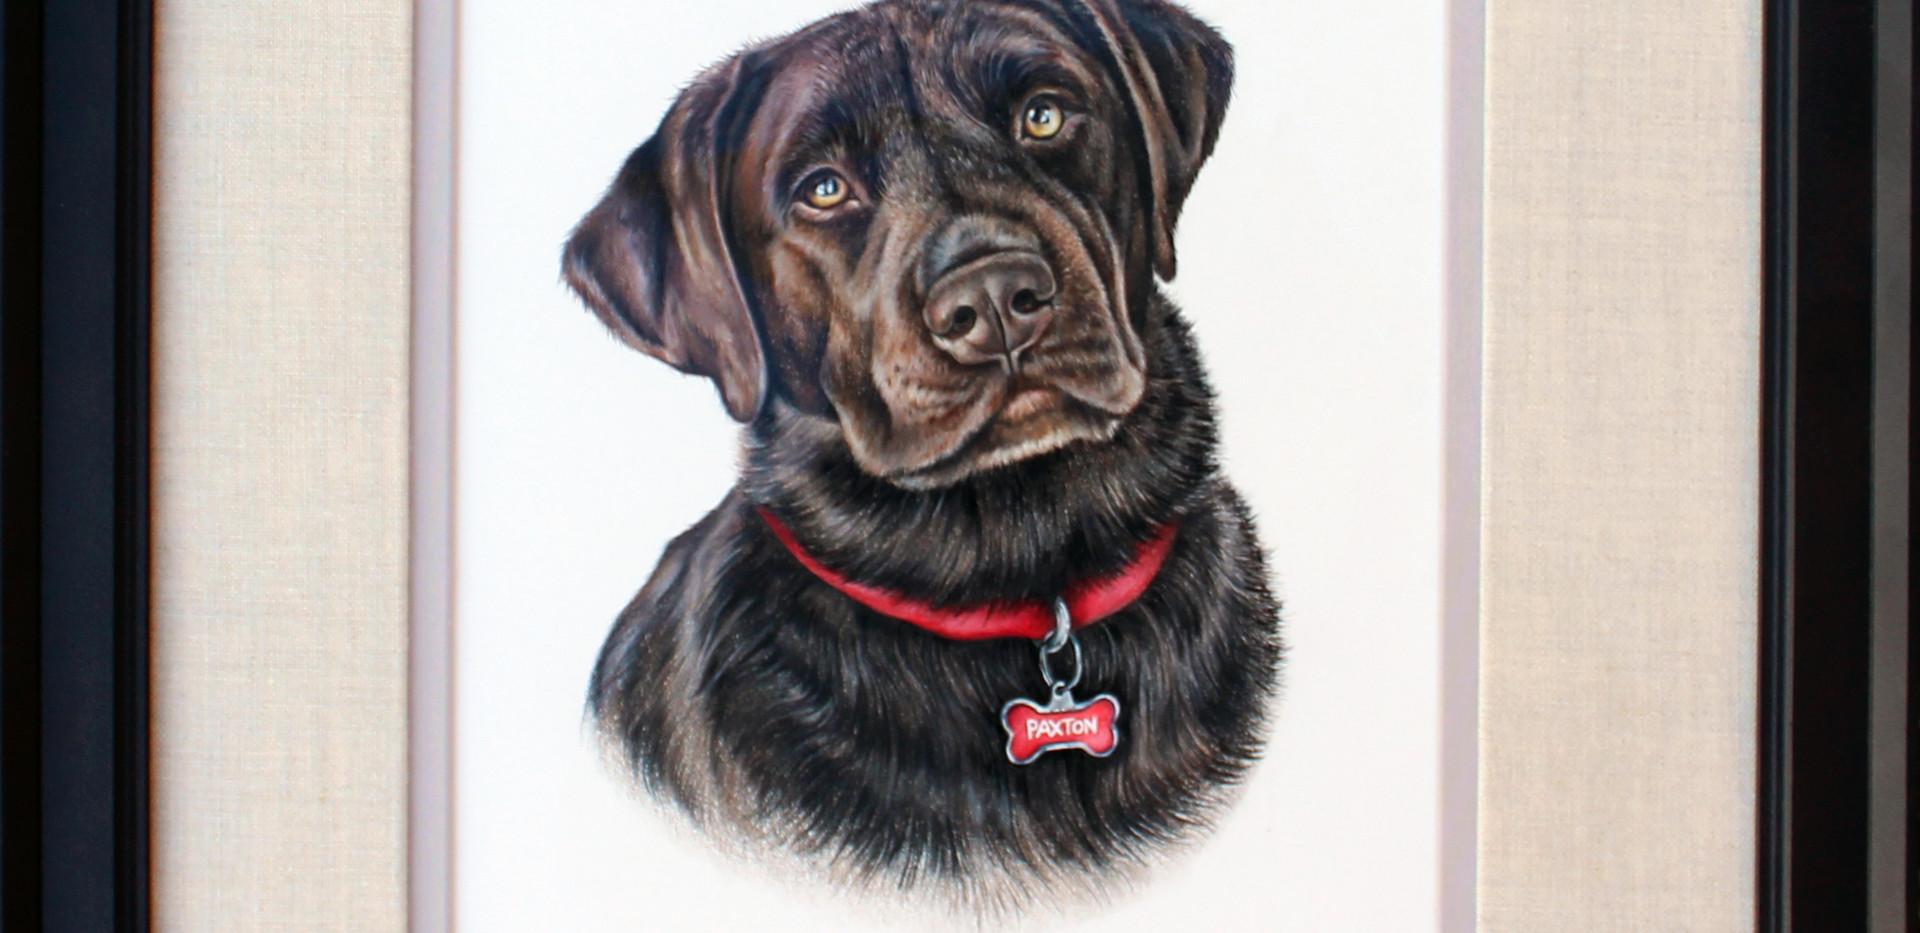 Pet Portrait -Paxton